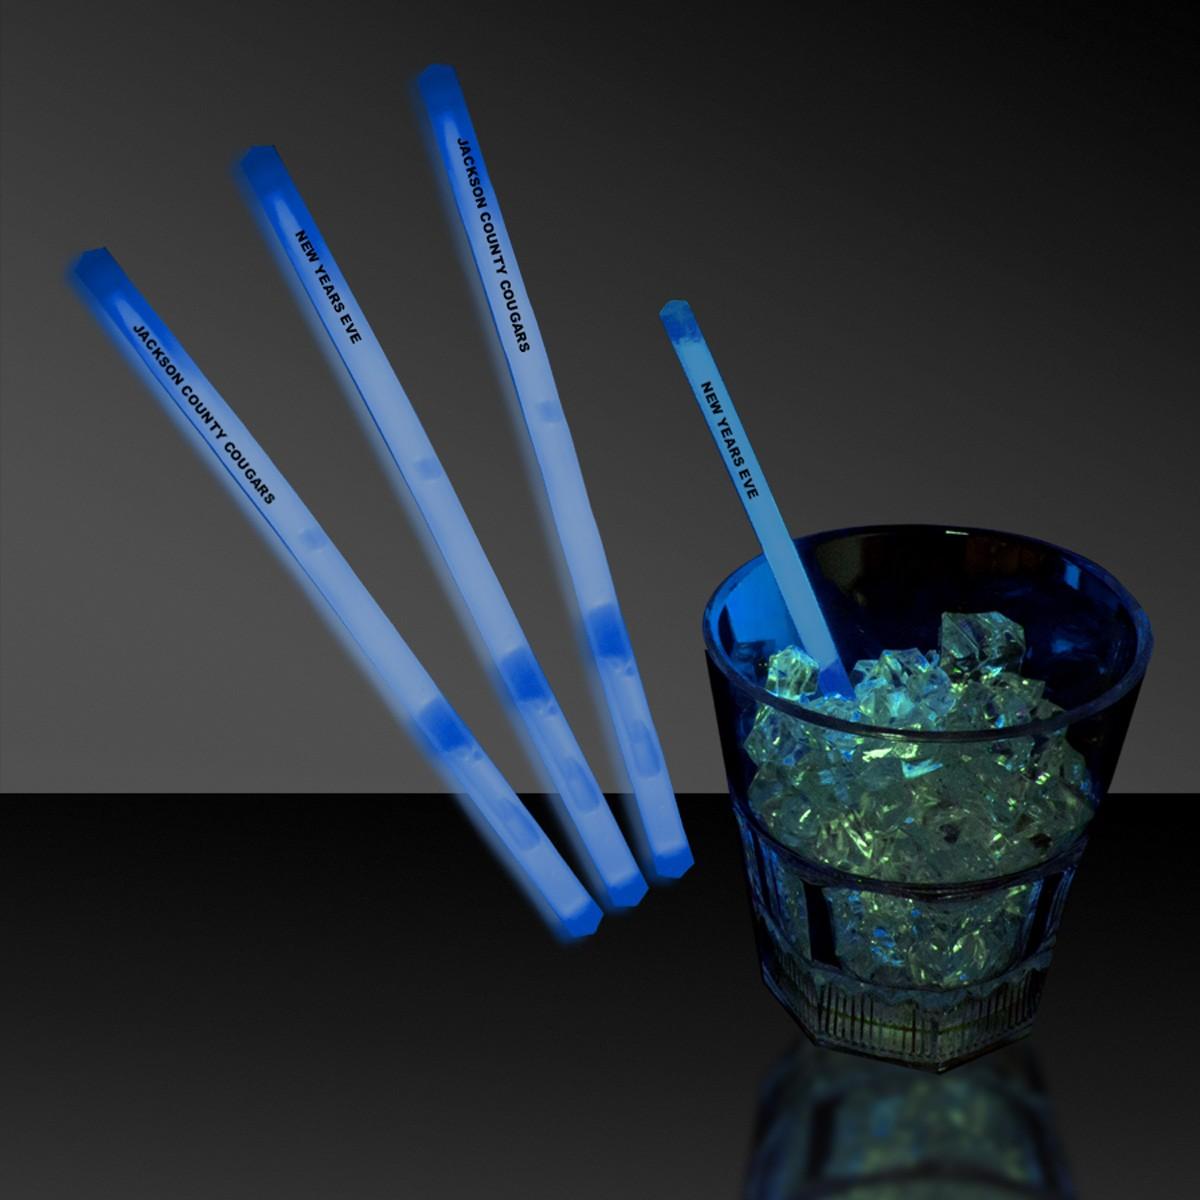 5 INCH BLUE SWIZZLE